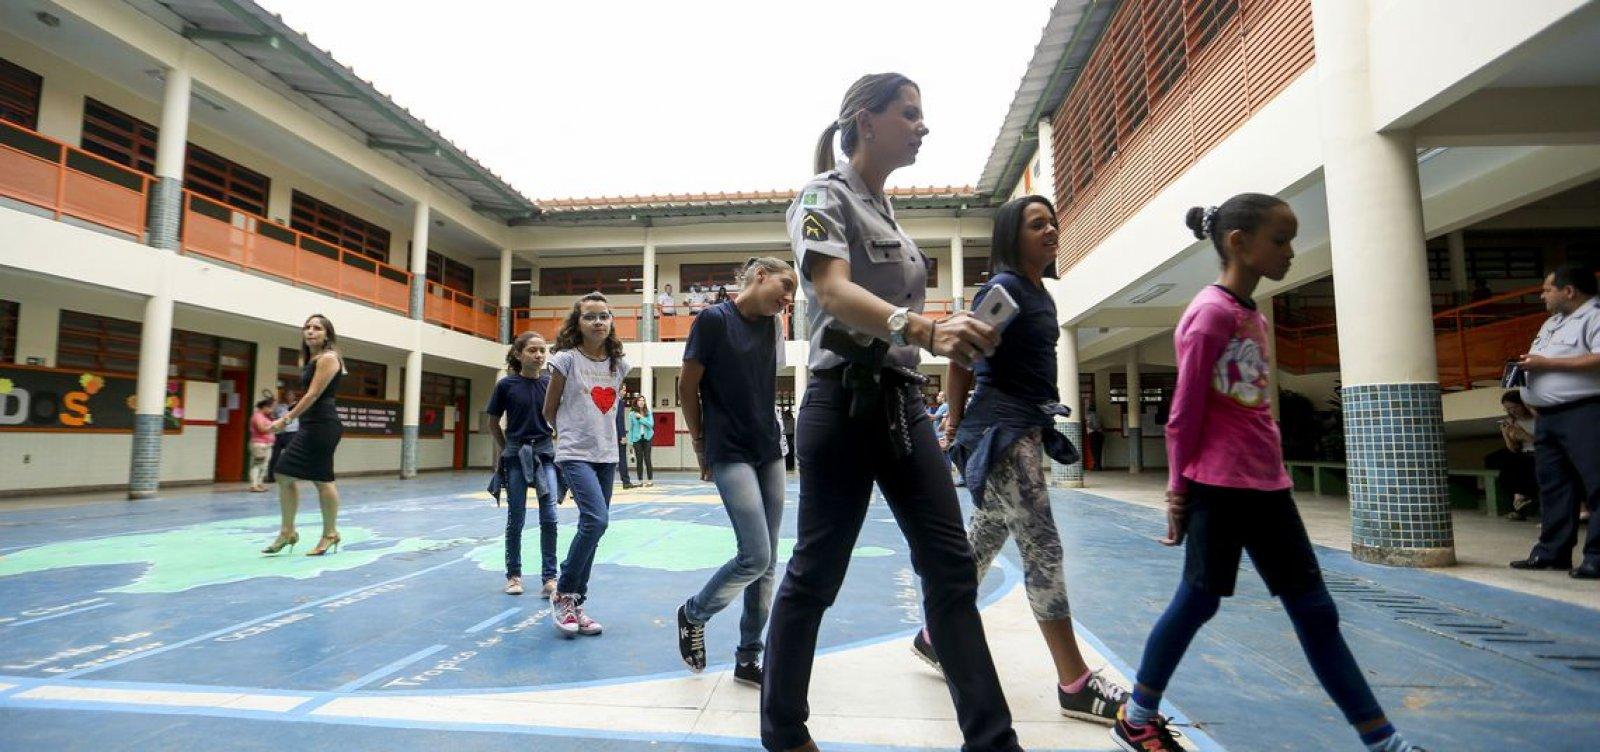 [Escolas cívico-militares terão aulas de 'valores e atitudes', diz MEC]